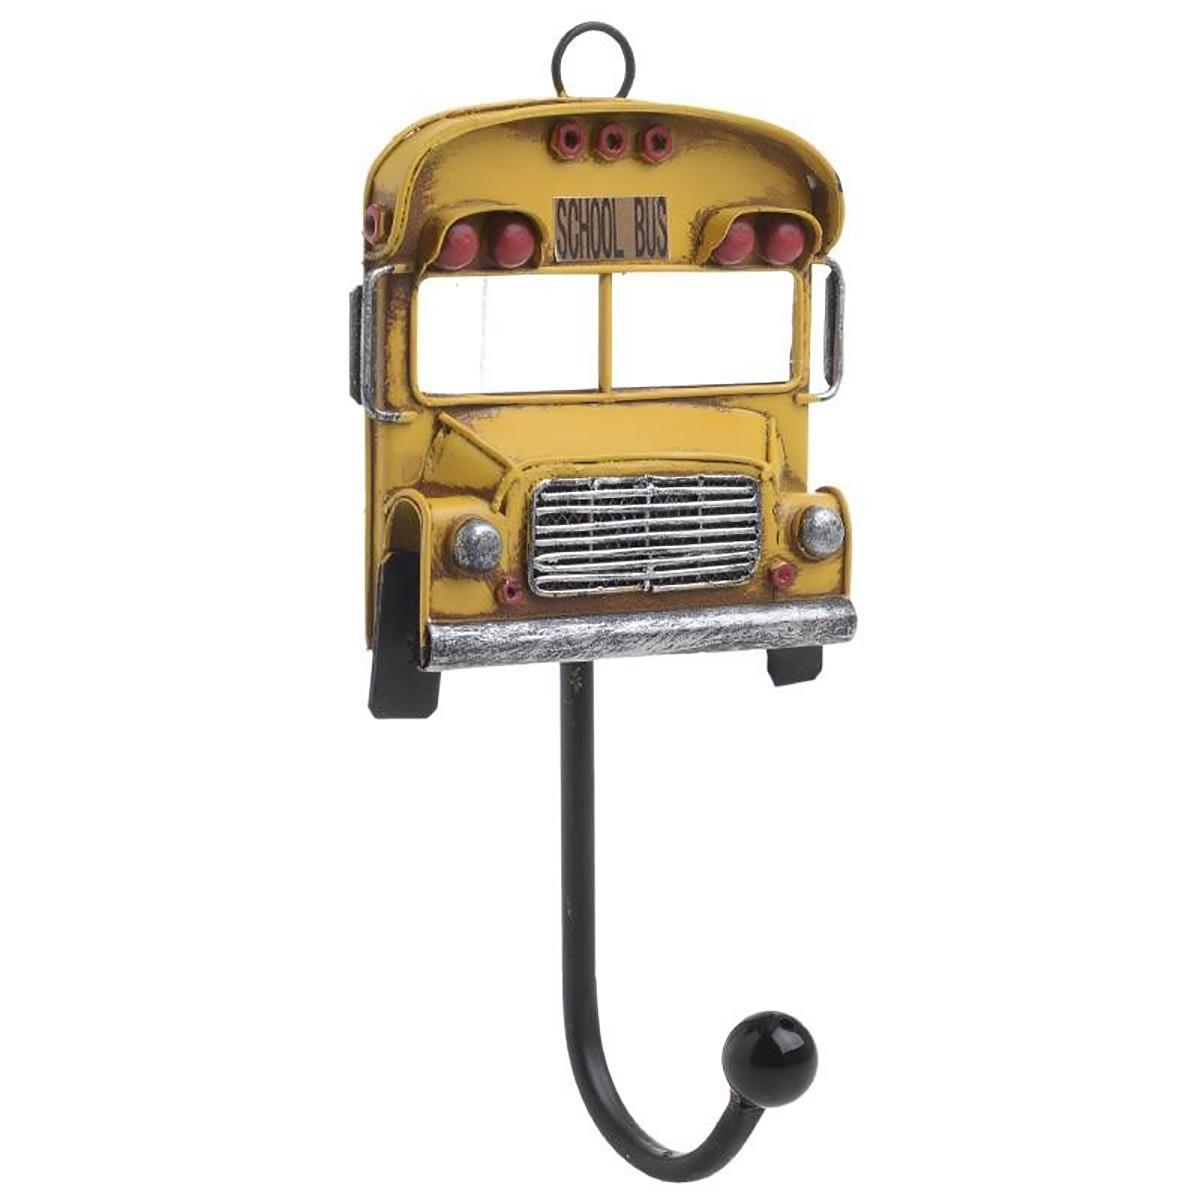 Κρεμάστρα Τοίχου InArt School Bus 3-70-726-0218